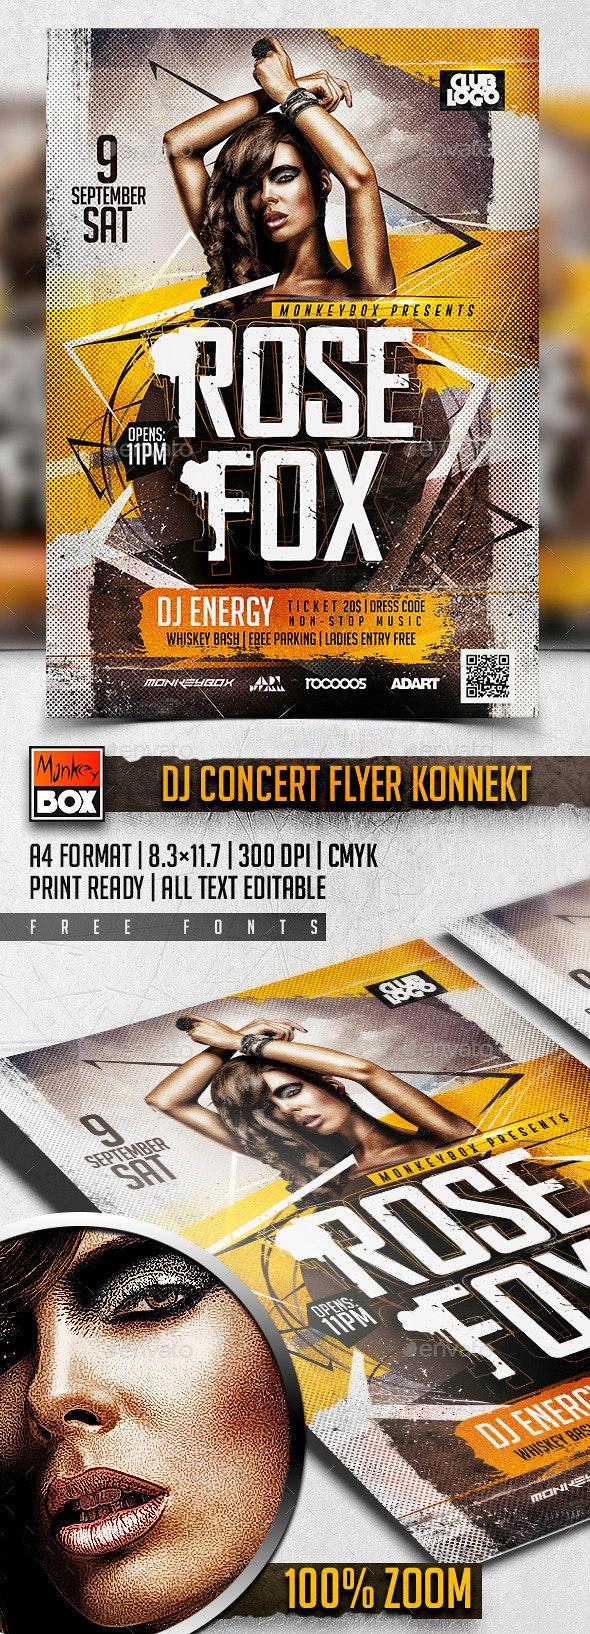 DJ Concert Flyer Konnekt - Concerts Events